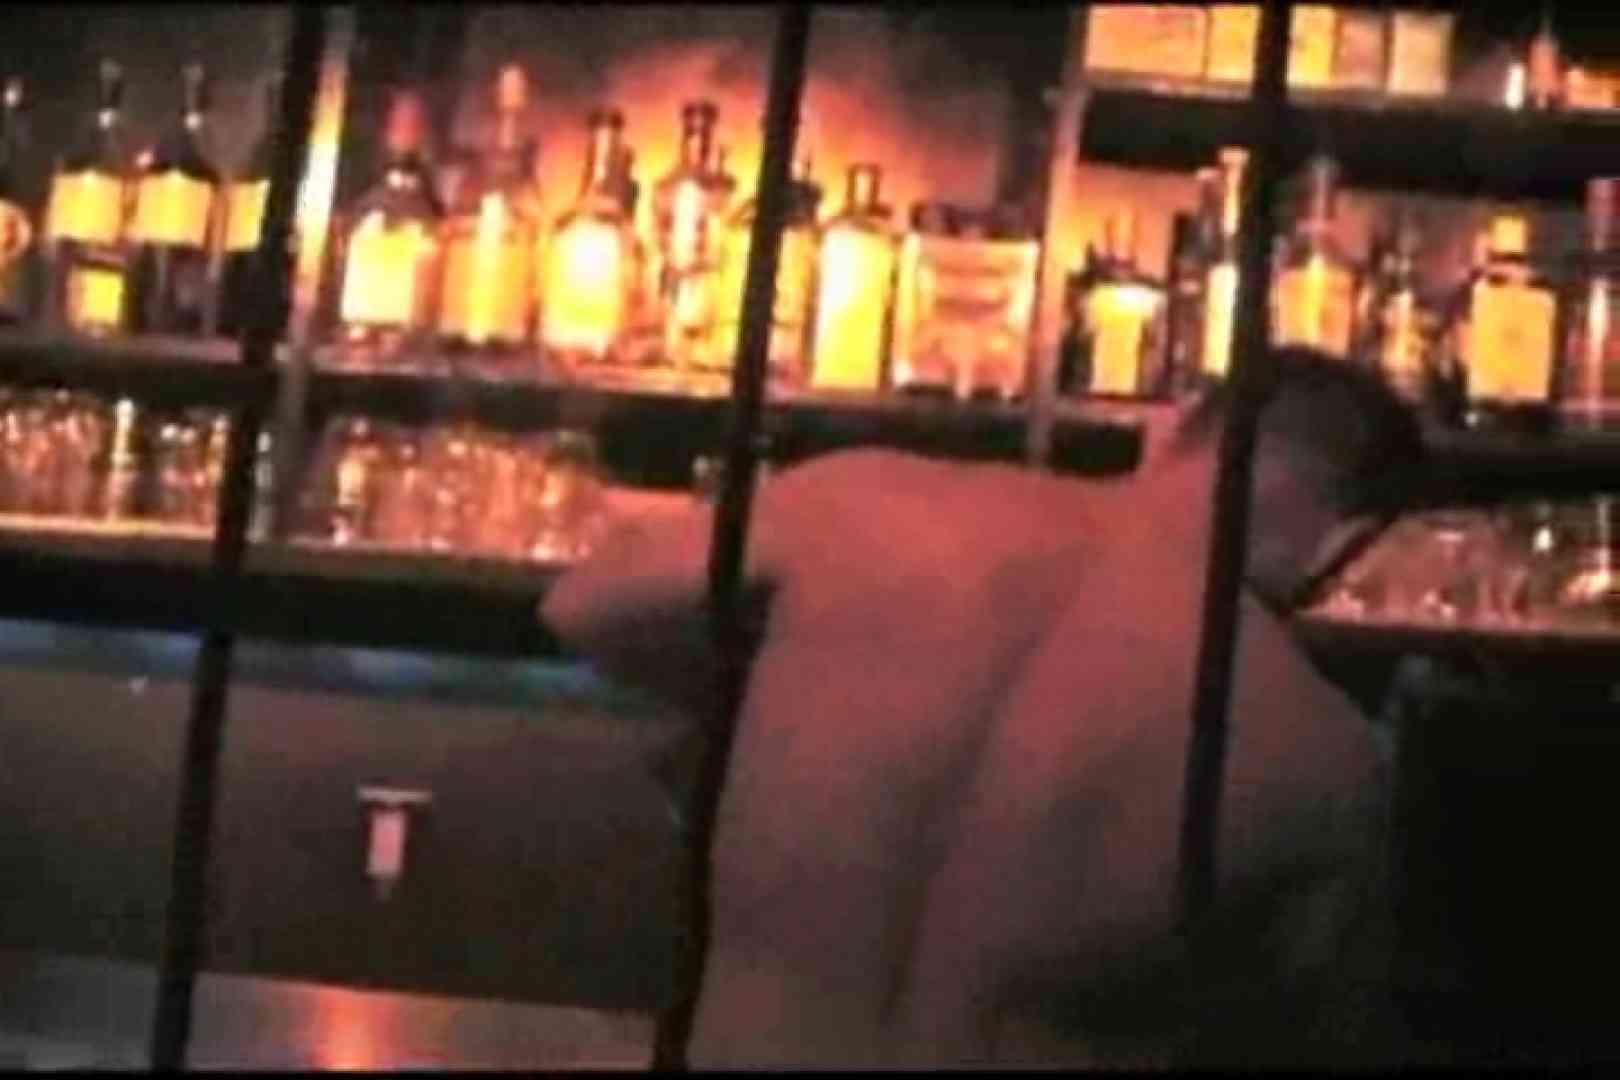 バーでパックン!!ガチムチ男子!! 裸の男たち | 男まつり ゲイザーメン画像 78枚 2